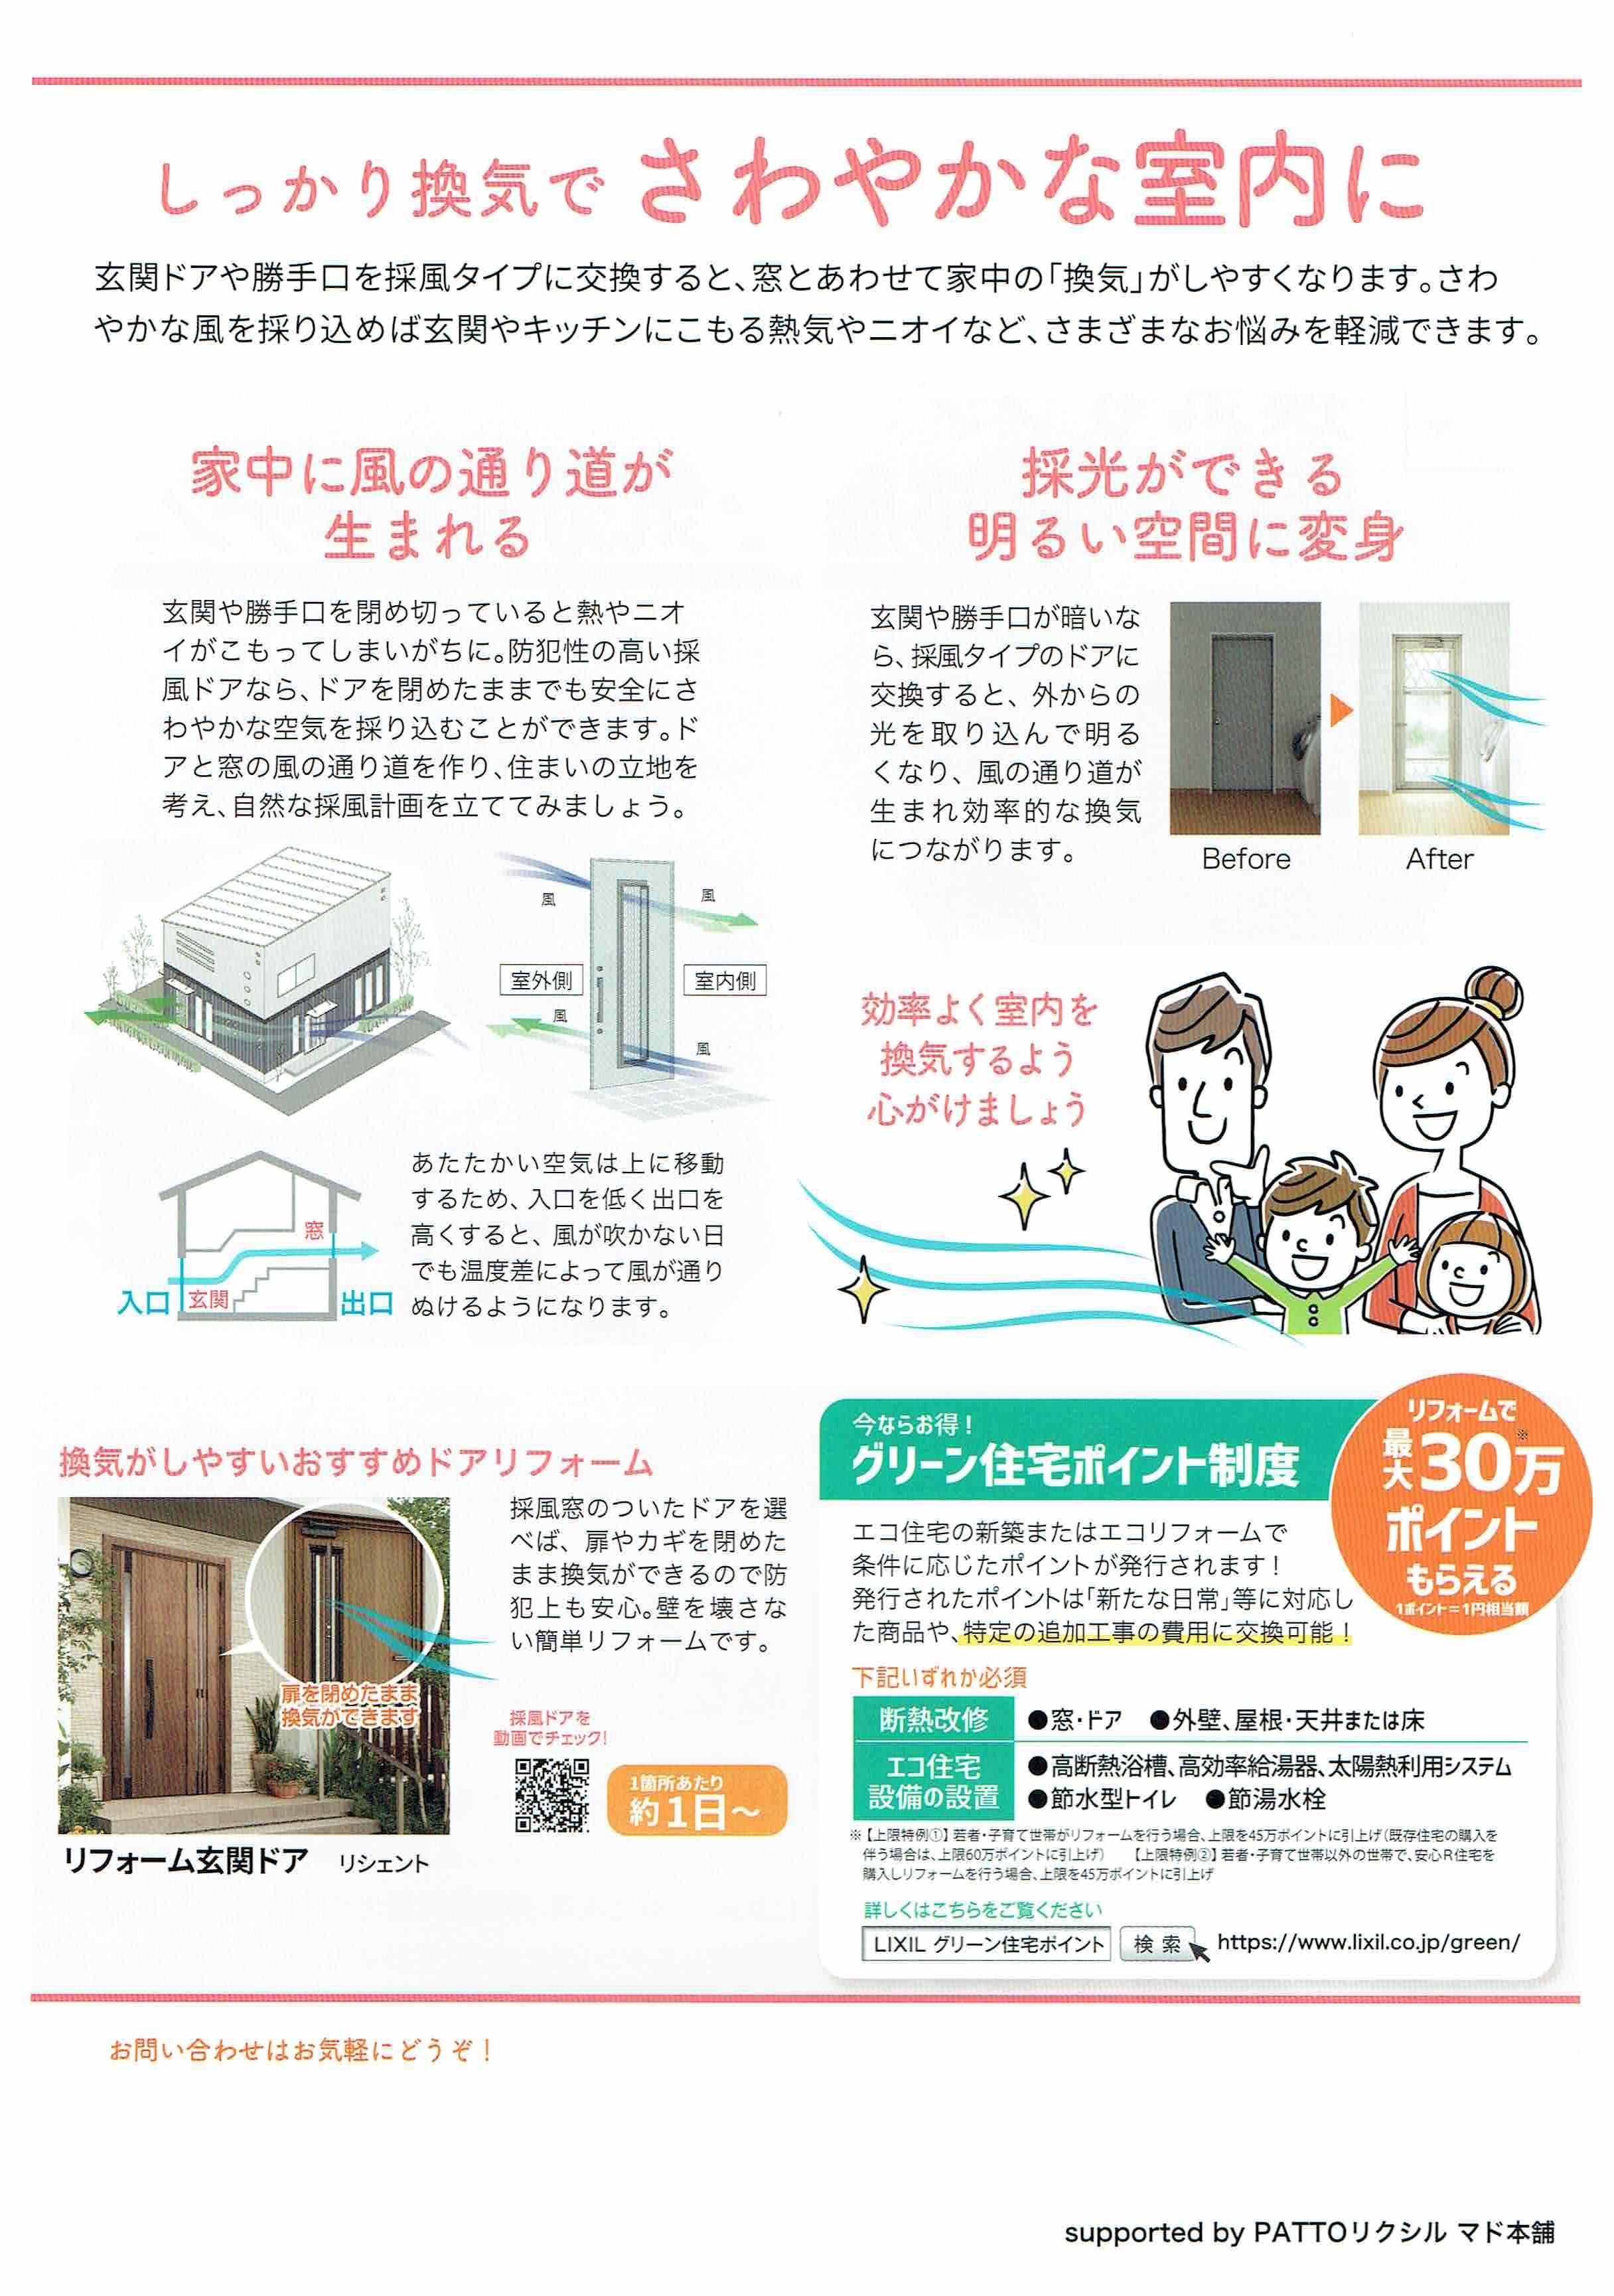 *知って得する すまいの健康・快適だより* MITSUWA 西尾のイベントキャンペーン 写真2